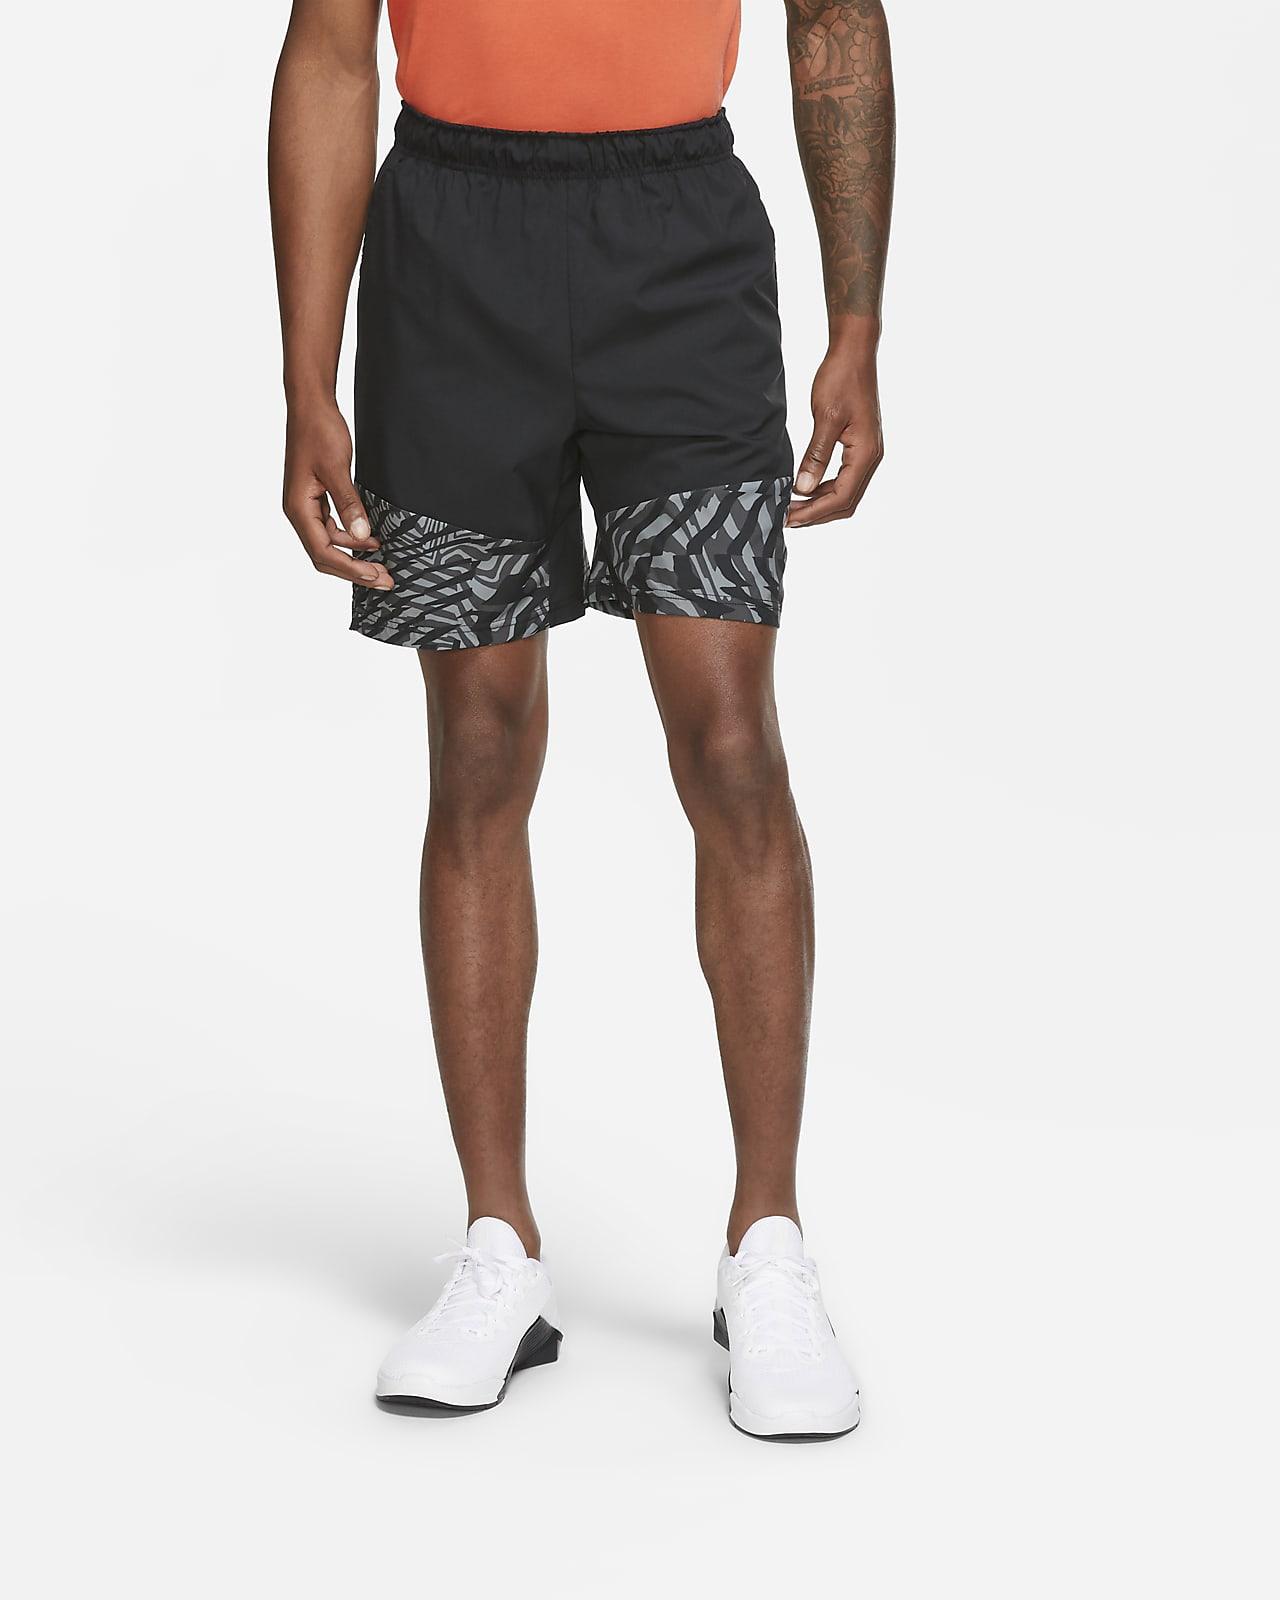 กางเกงเทรนนิ่งขาสั้นผู้ชาย Nike Flex